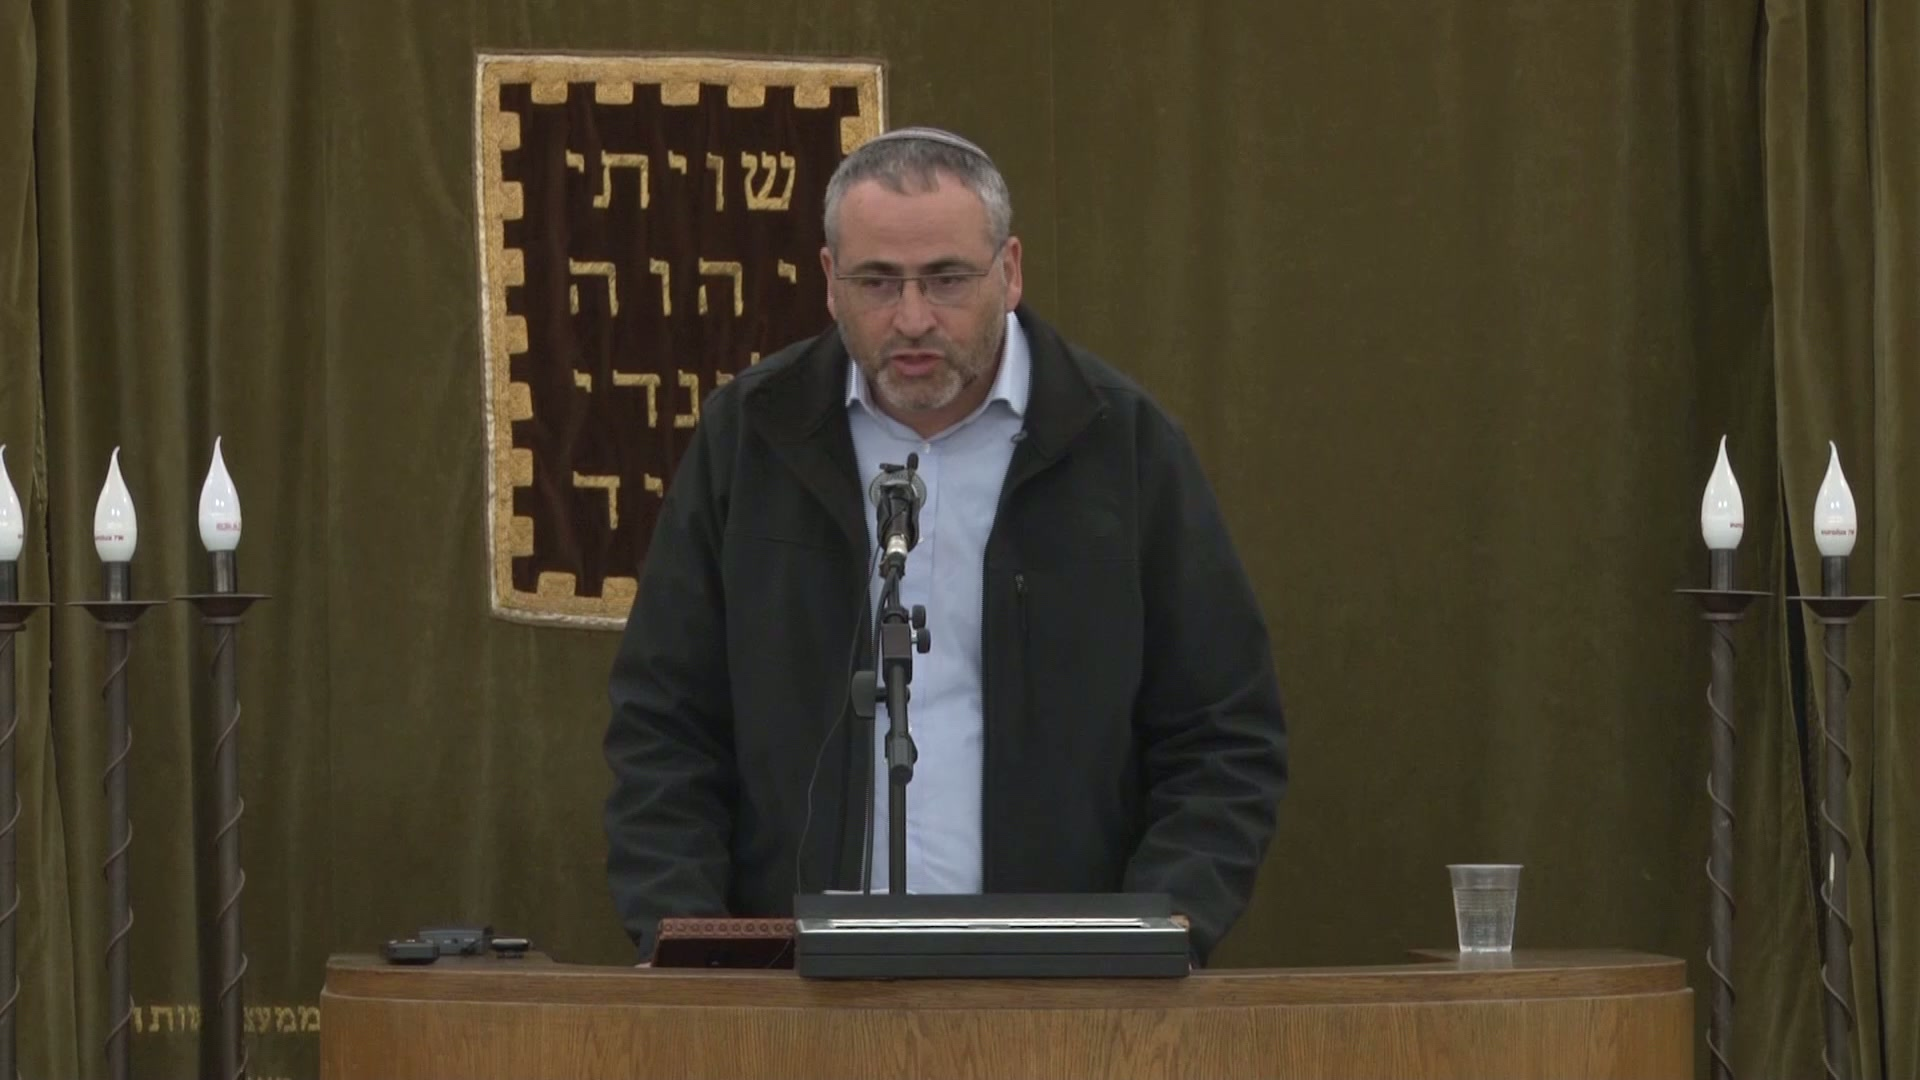 """אזכרת יום השלושים לרב אלישע וישליצקי זצ""""ל  - דוד אנסבכר"""